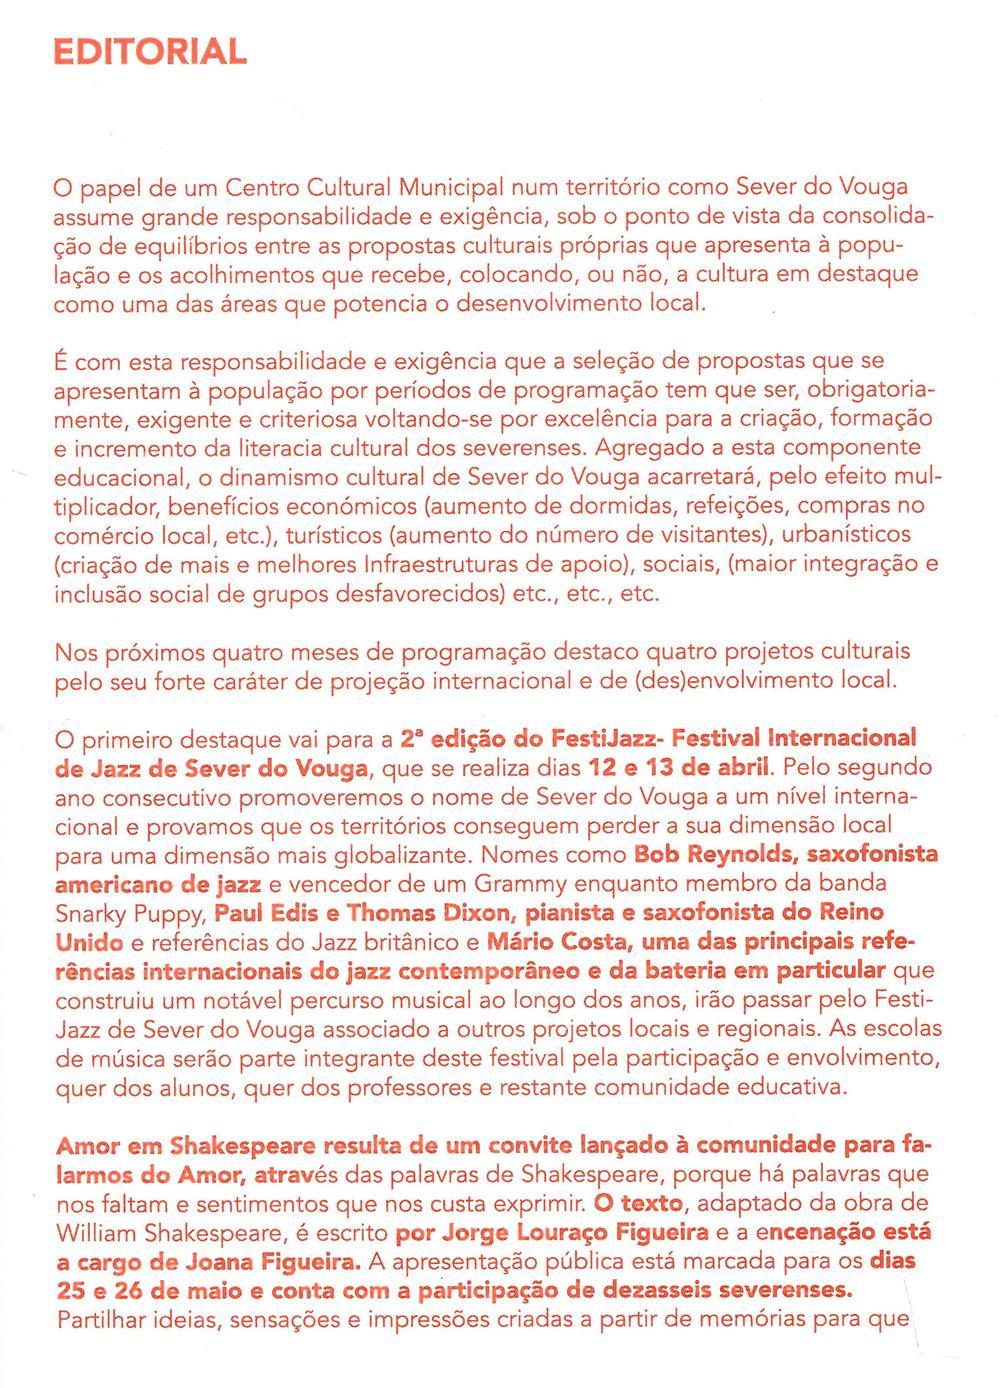 AgCultCAE-01abr.'19-p.1-Editorial.jpg